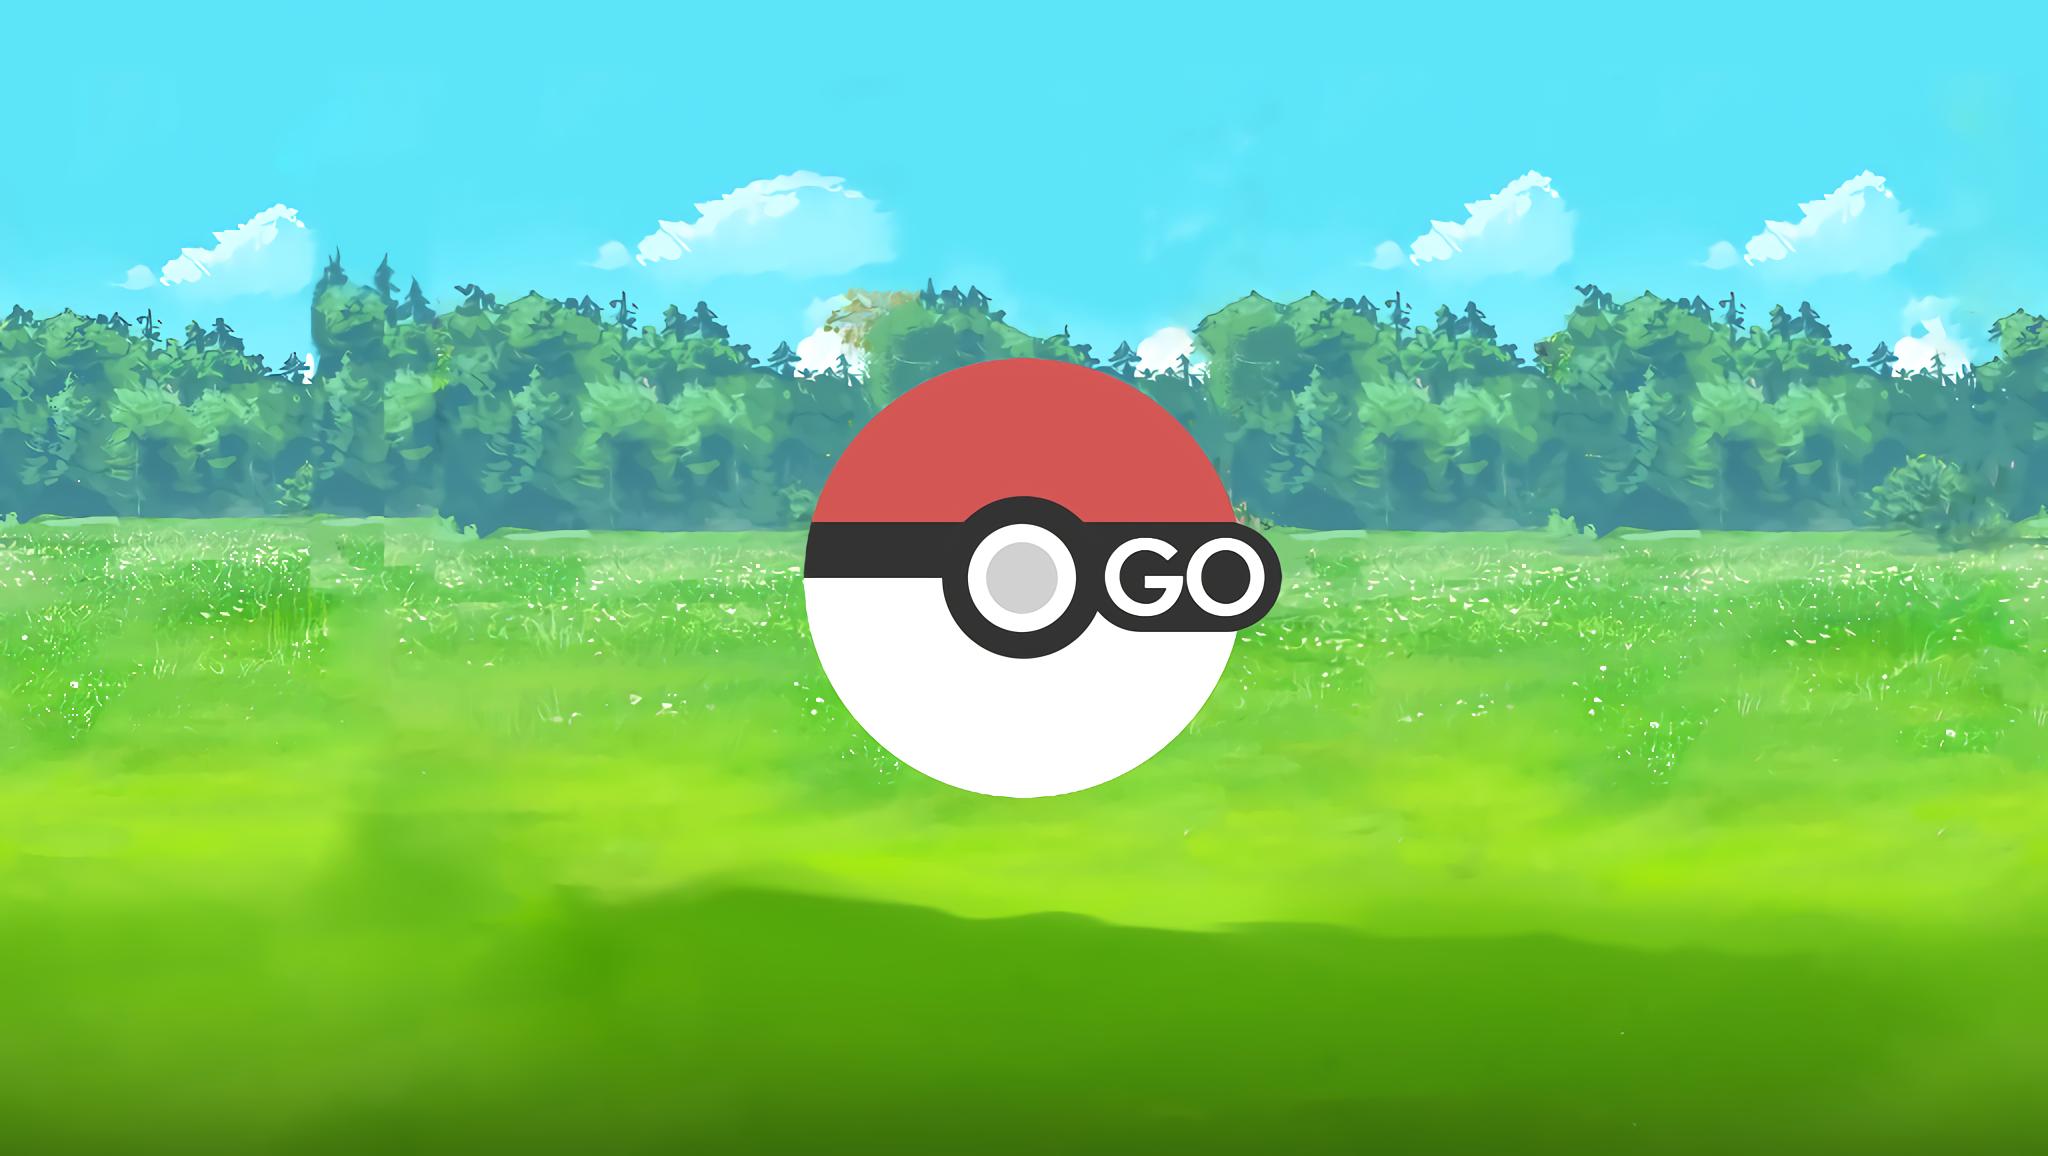 PoGo-UWP cliente não oficial de Pokémon Go para Windows 10 Mobile volta a funcionar